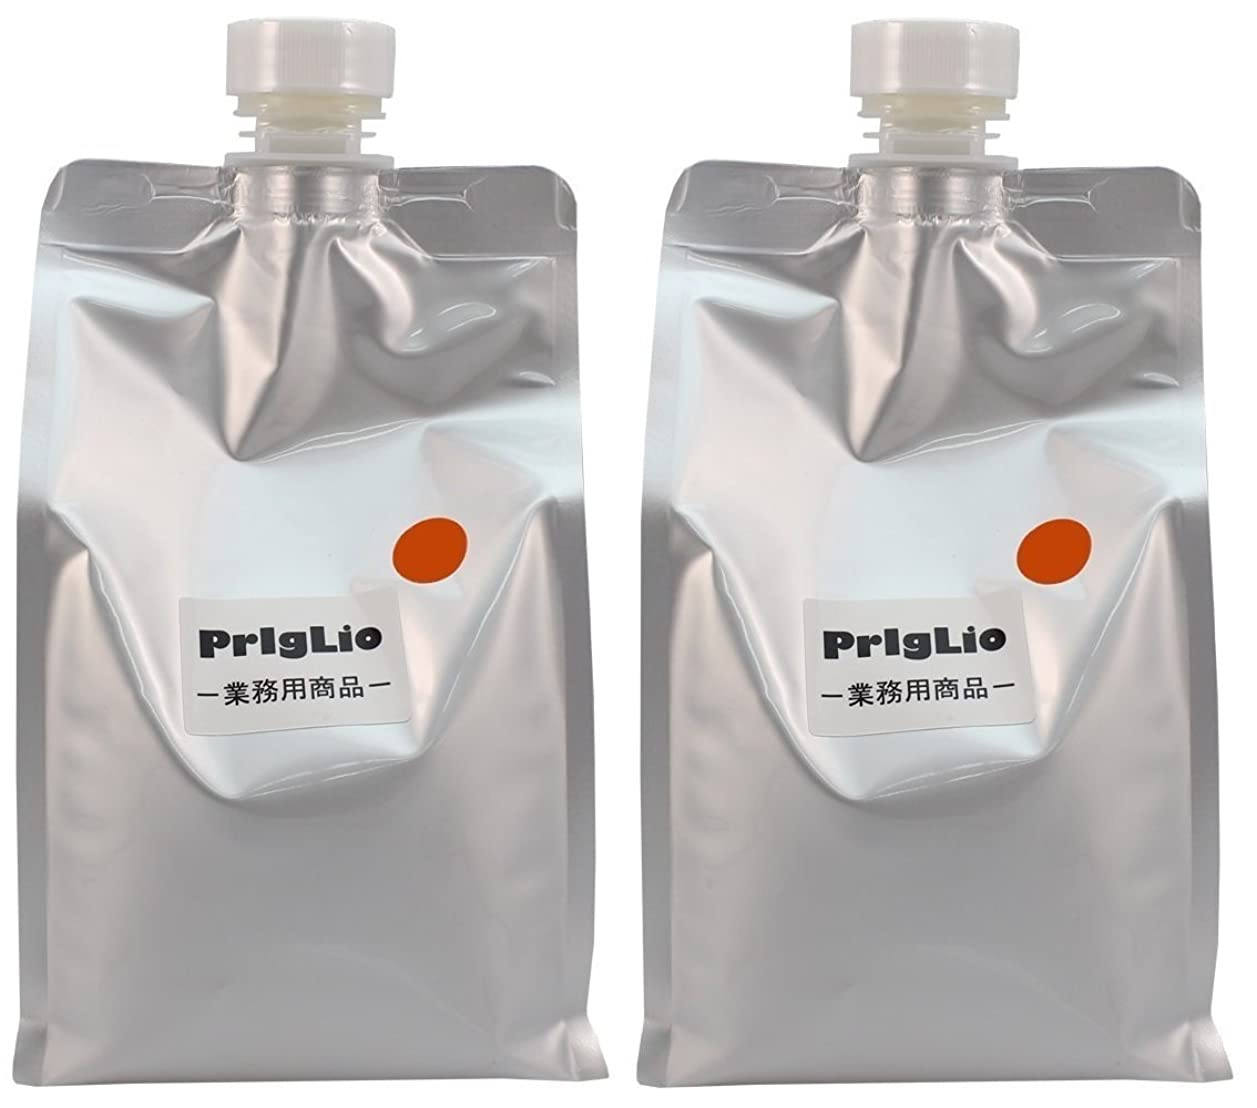 トリッキーヒント勧める【2個セット】プリグリオ D ヘアー サプリメント オレンジ 900ml